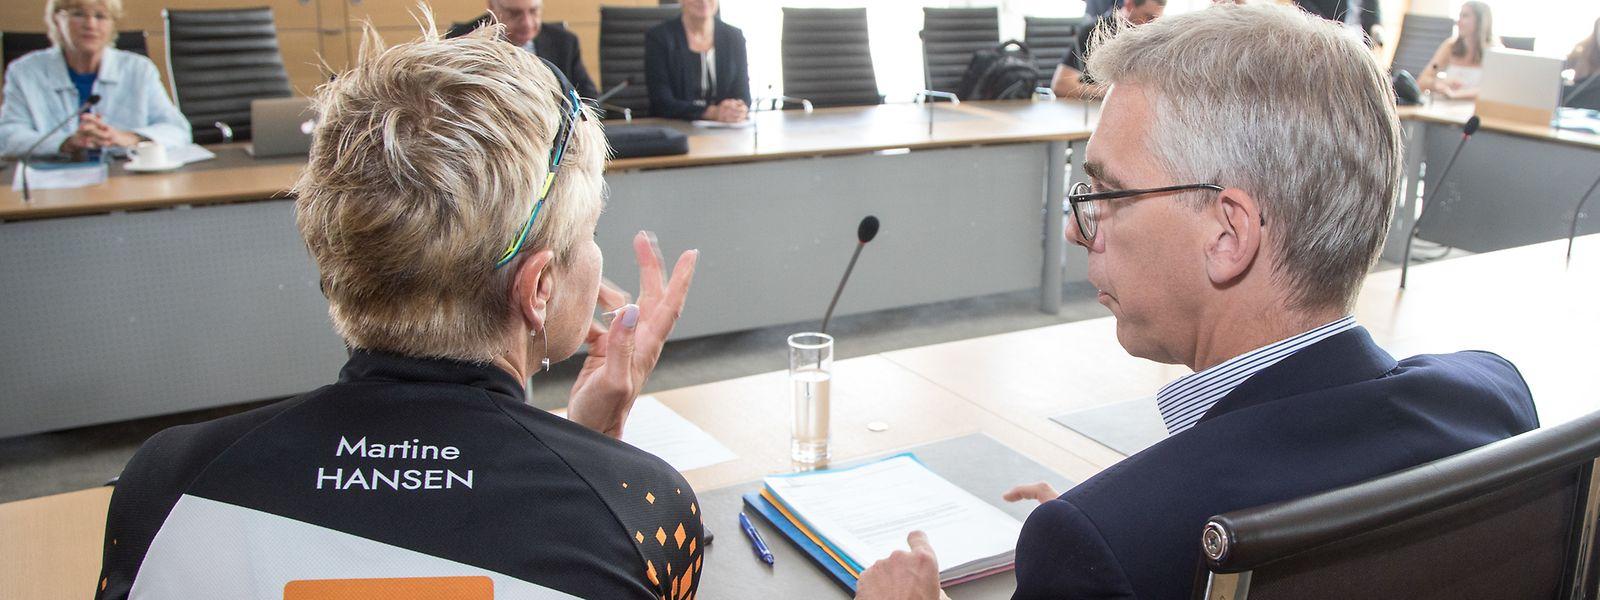 Léon Gloden und Martine Hansen von der CSV verteidigten am Mittwoch im Institutionenausschuss noch einmal die Position ihrer Partei zur Verfassungsreform.